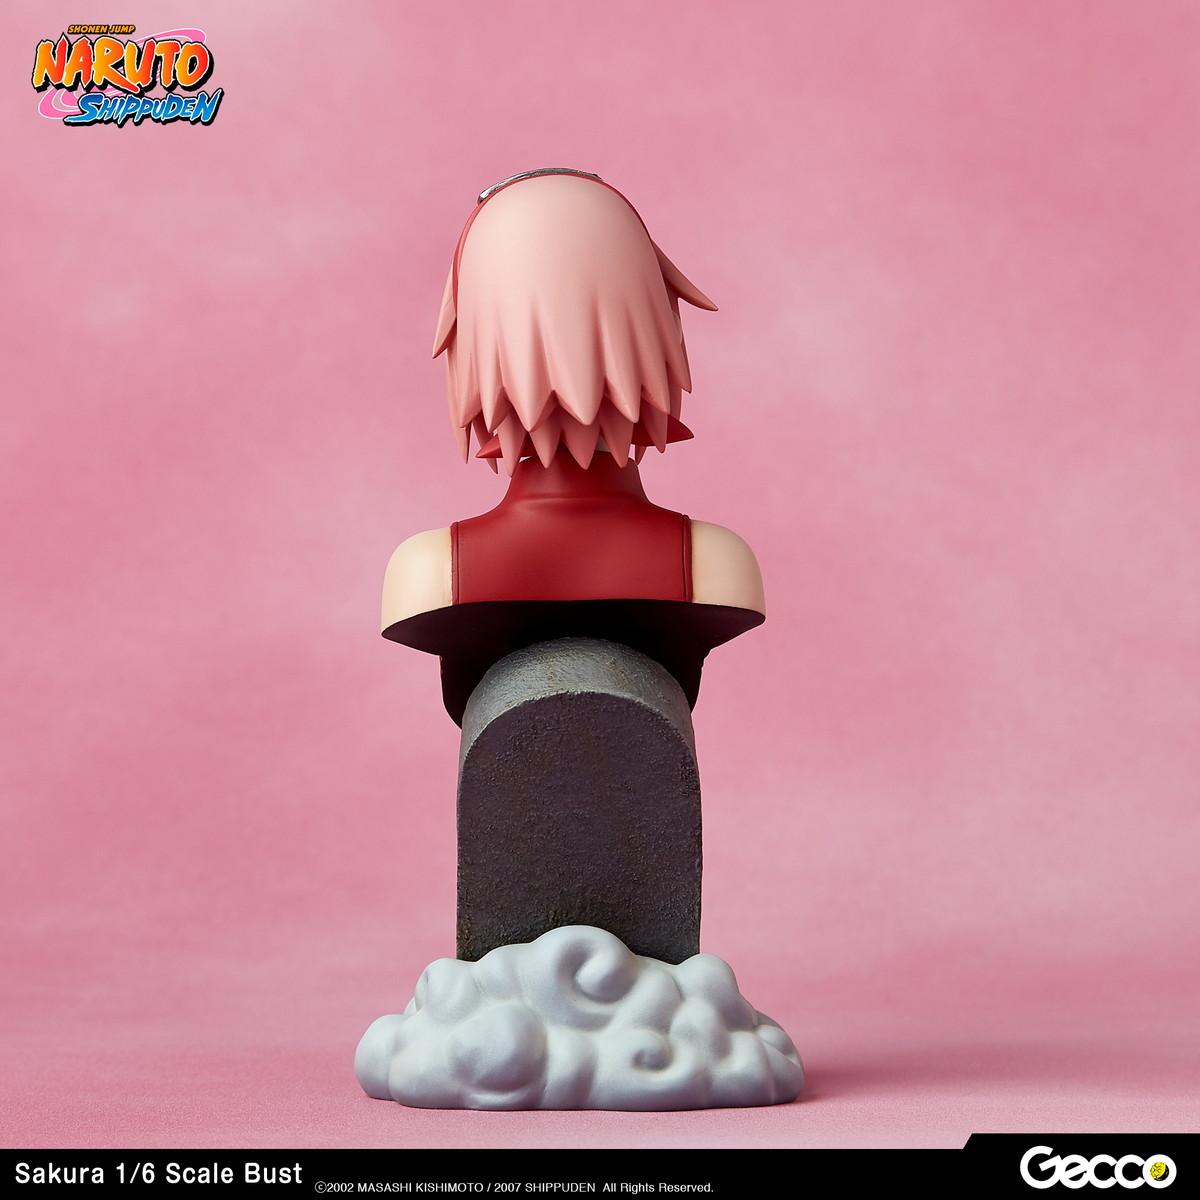 Sakura Haruno Naruto Shippuden Bust Figure